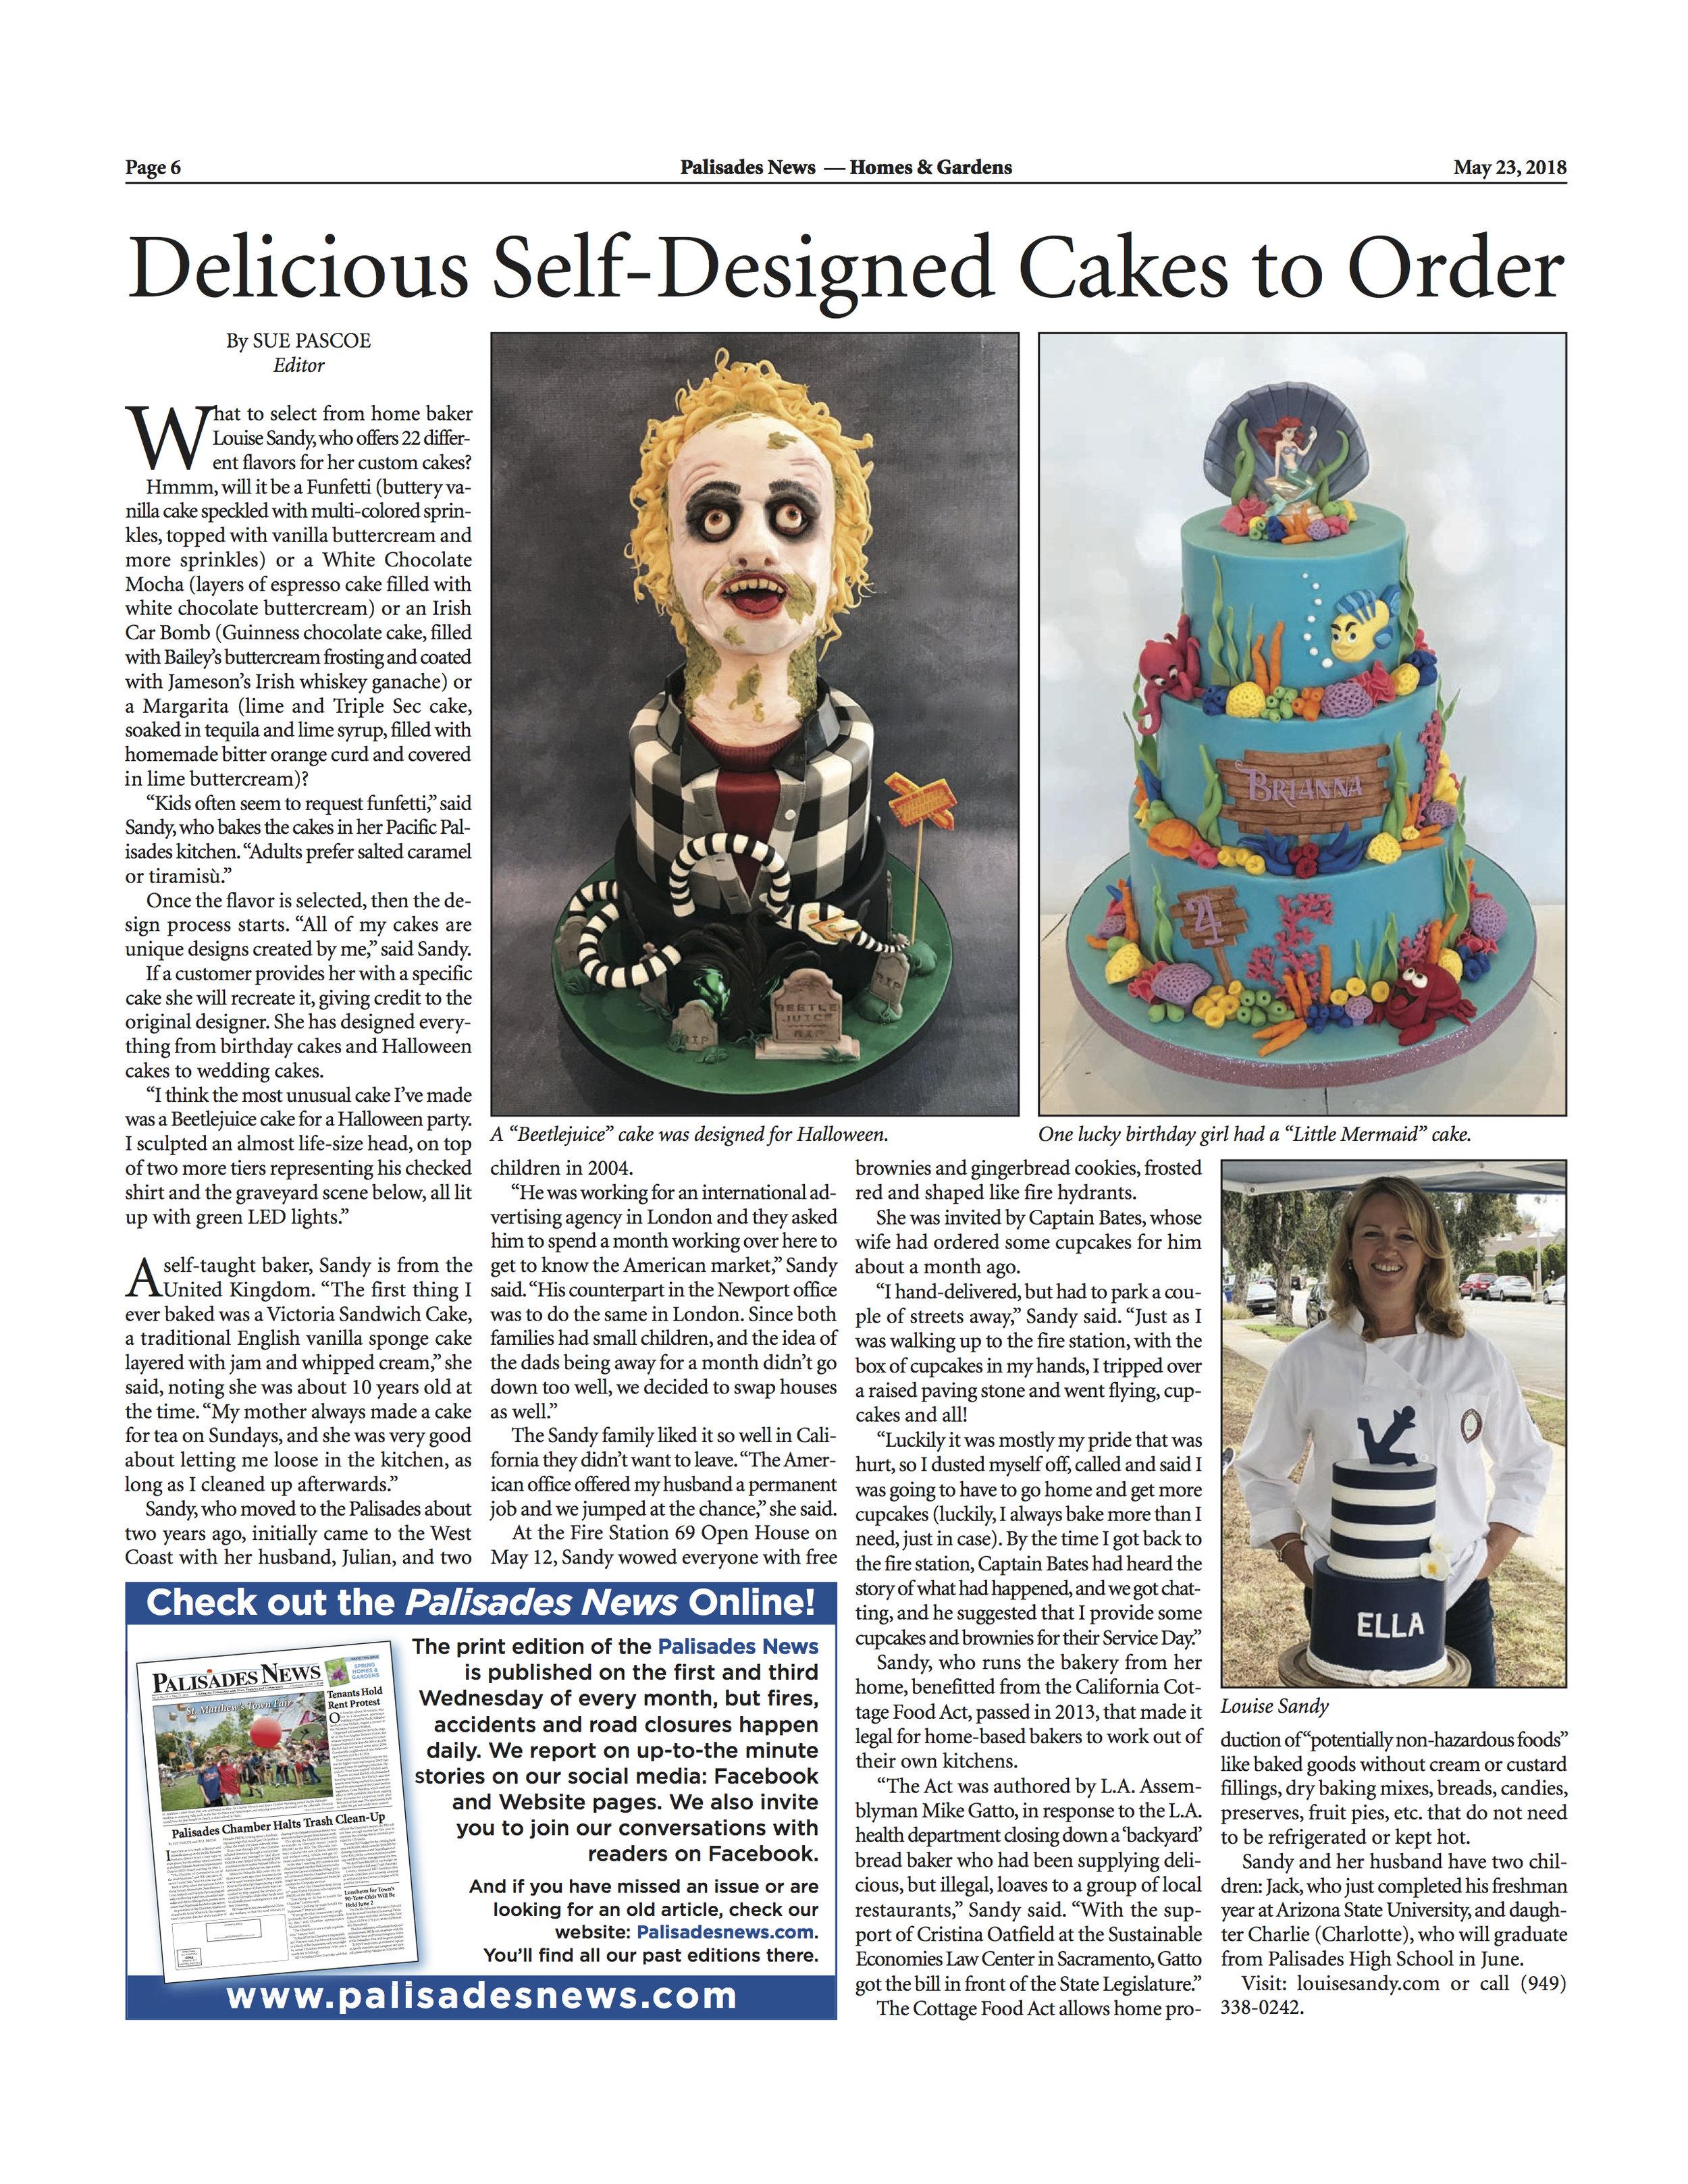 Palisades News Article jpg.jpg